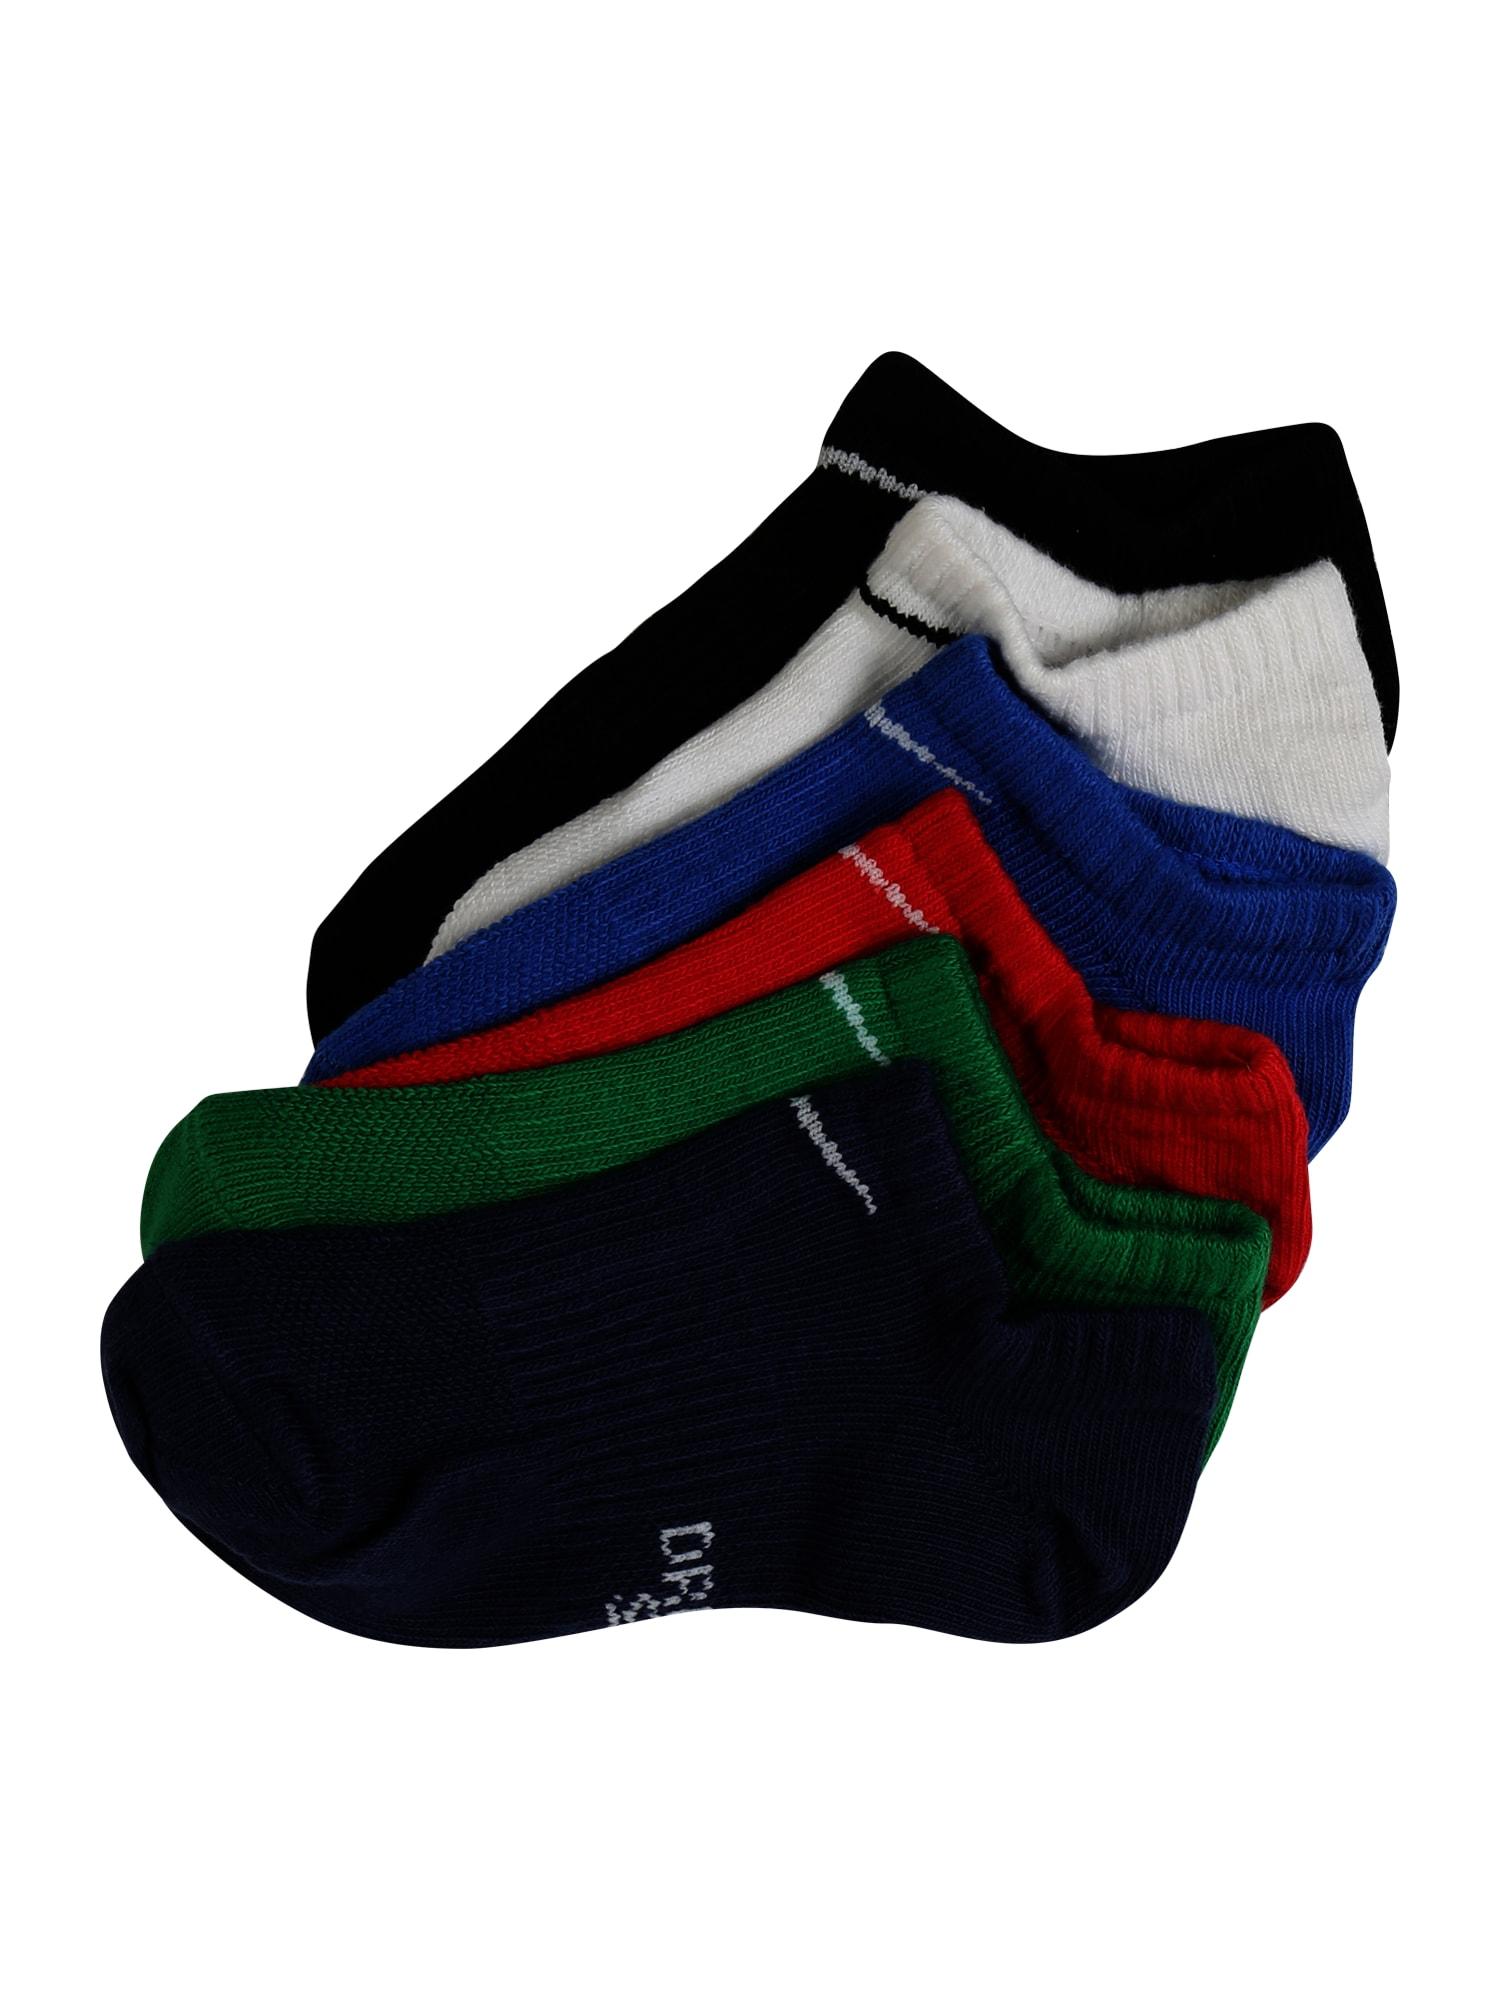 Ponožky modrá zelená červená černá bílá NIKE